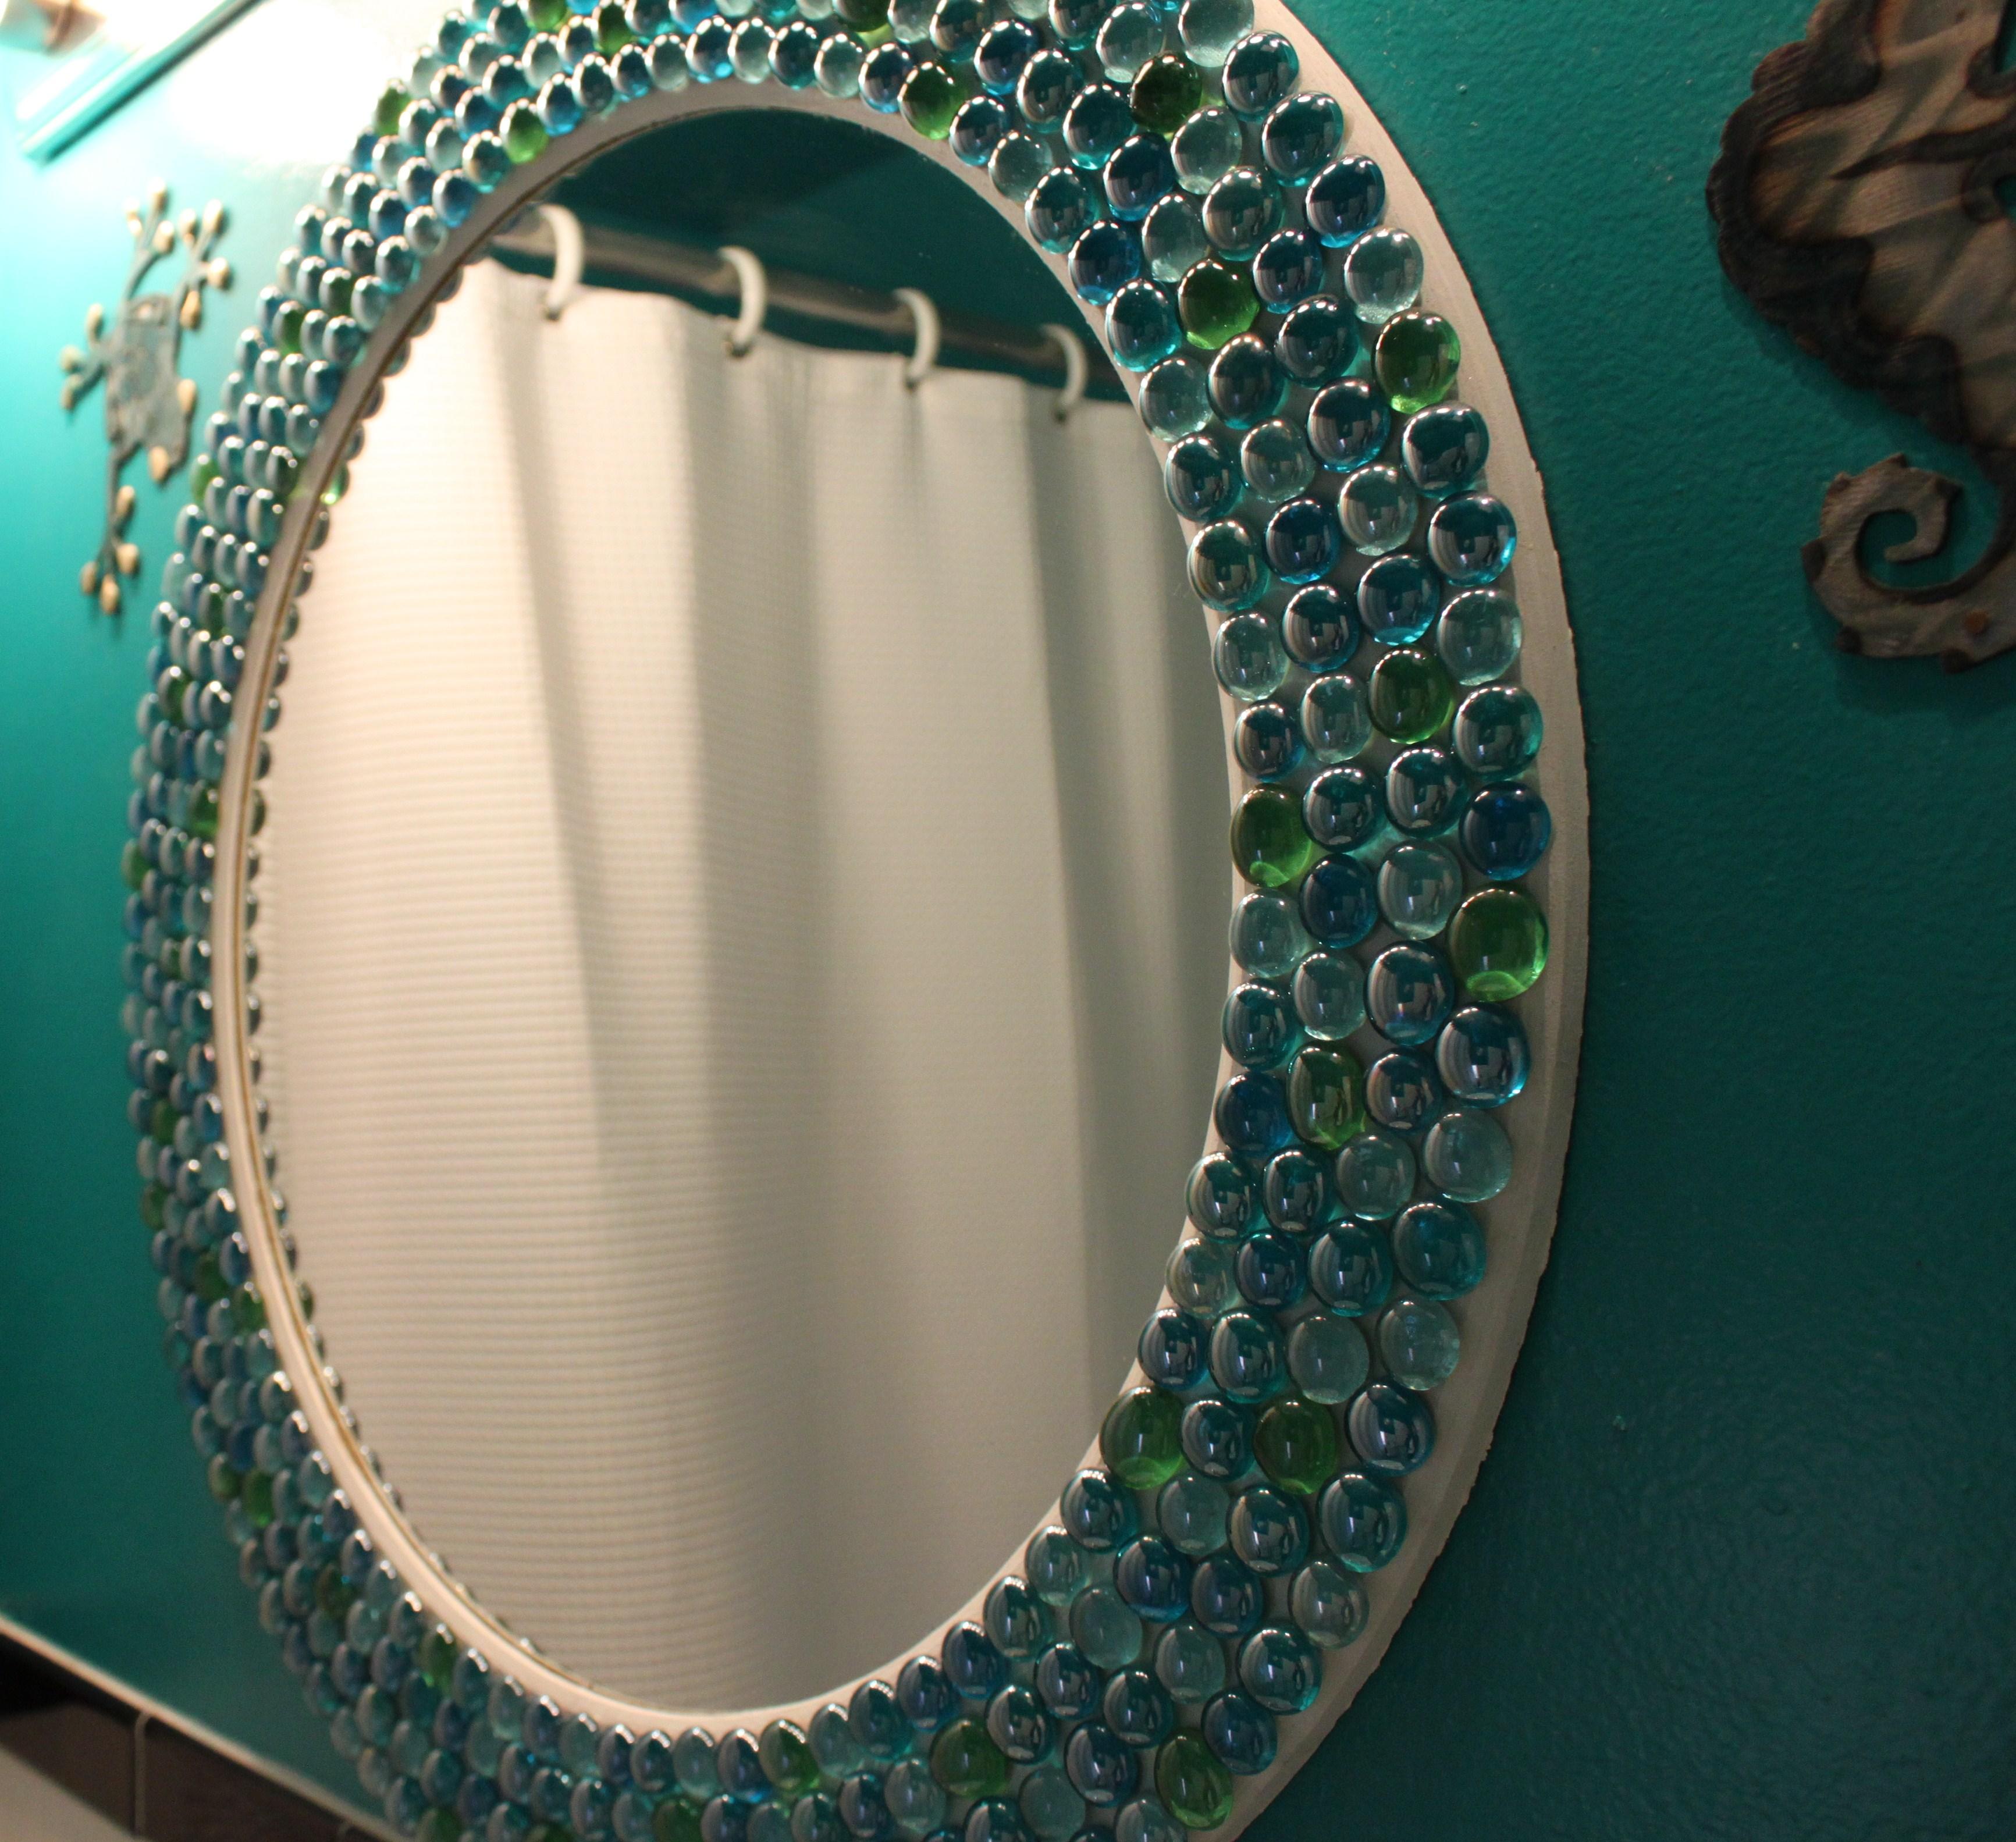 تزئین قاب آینه با مهره های شیشه ای